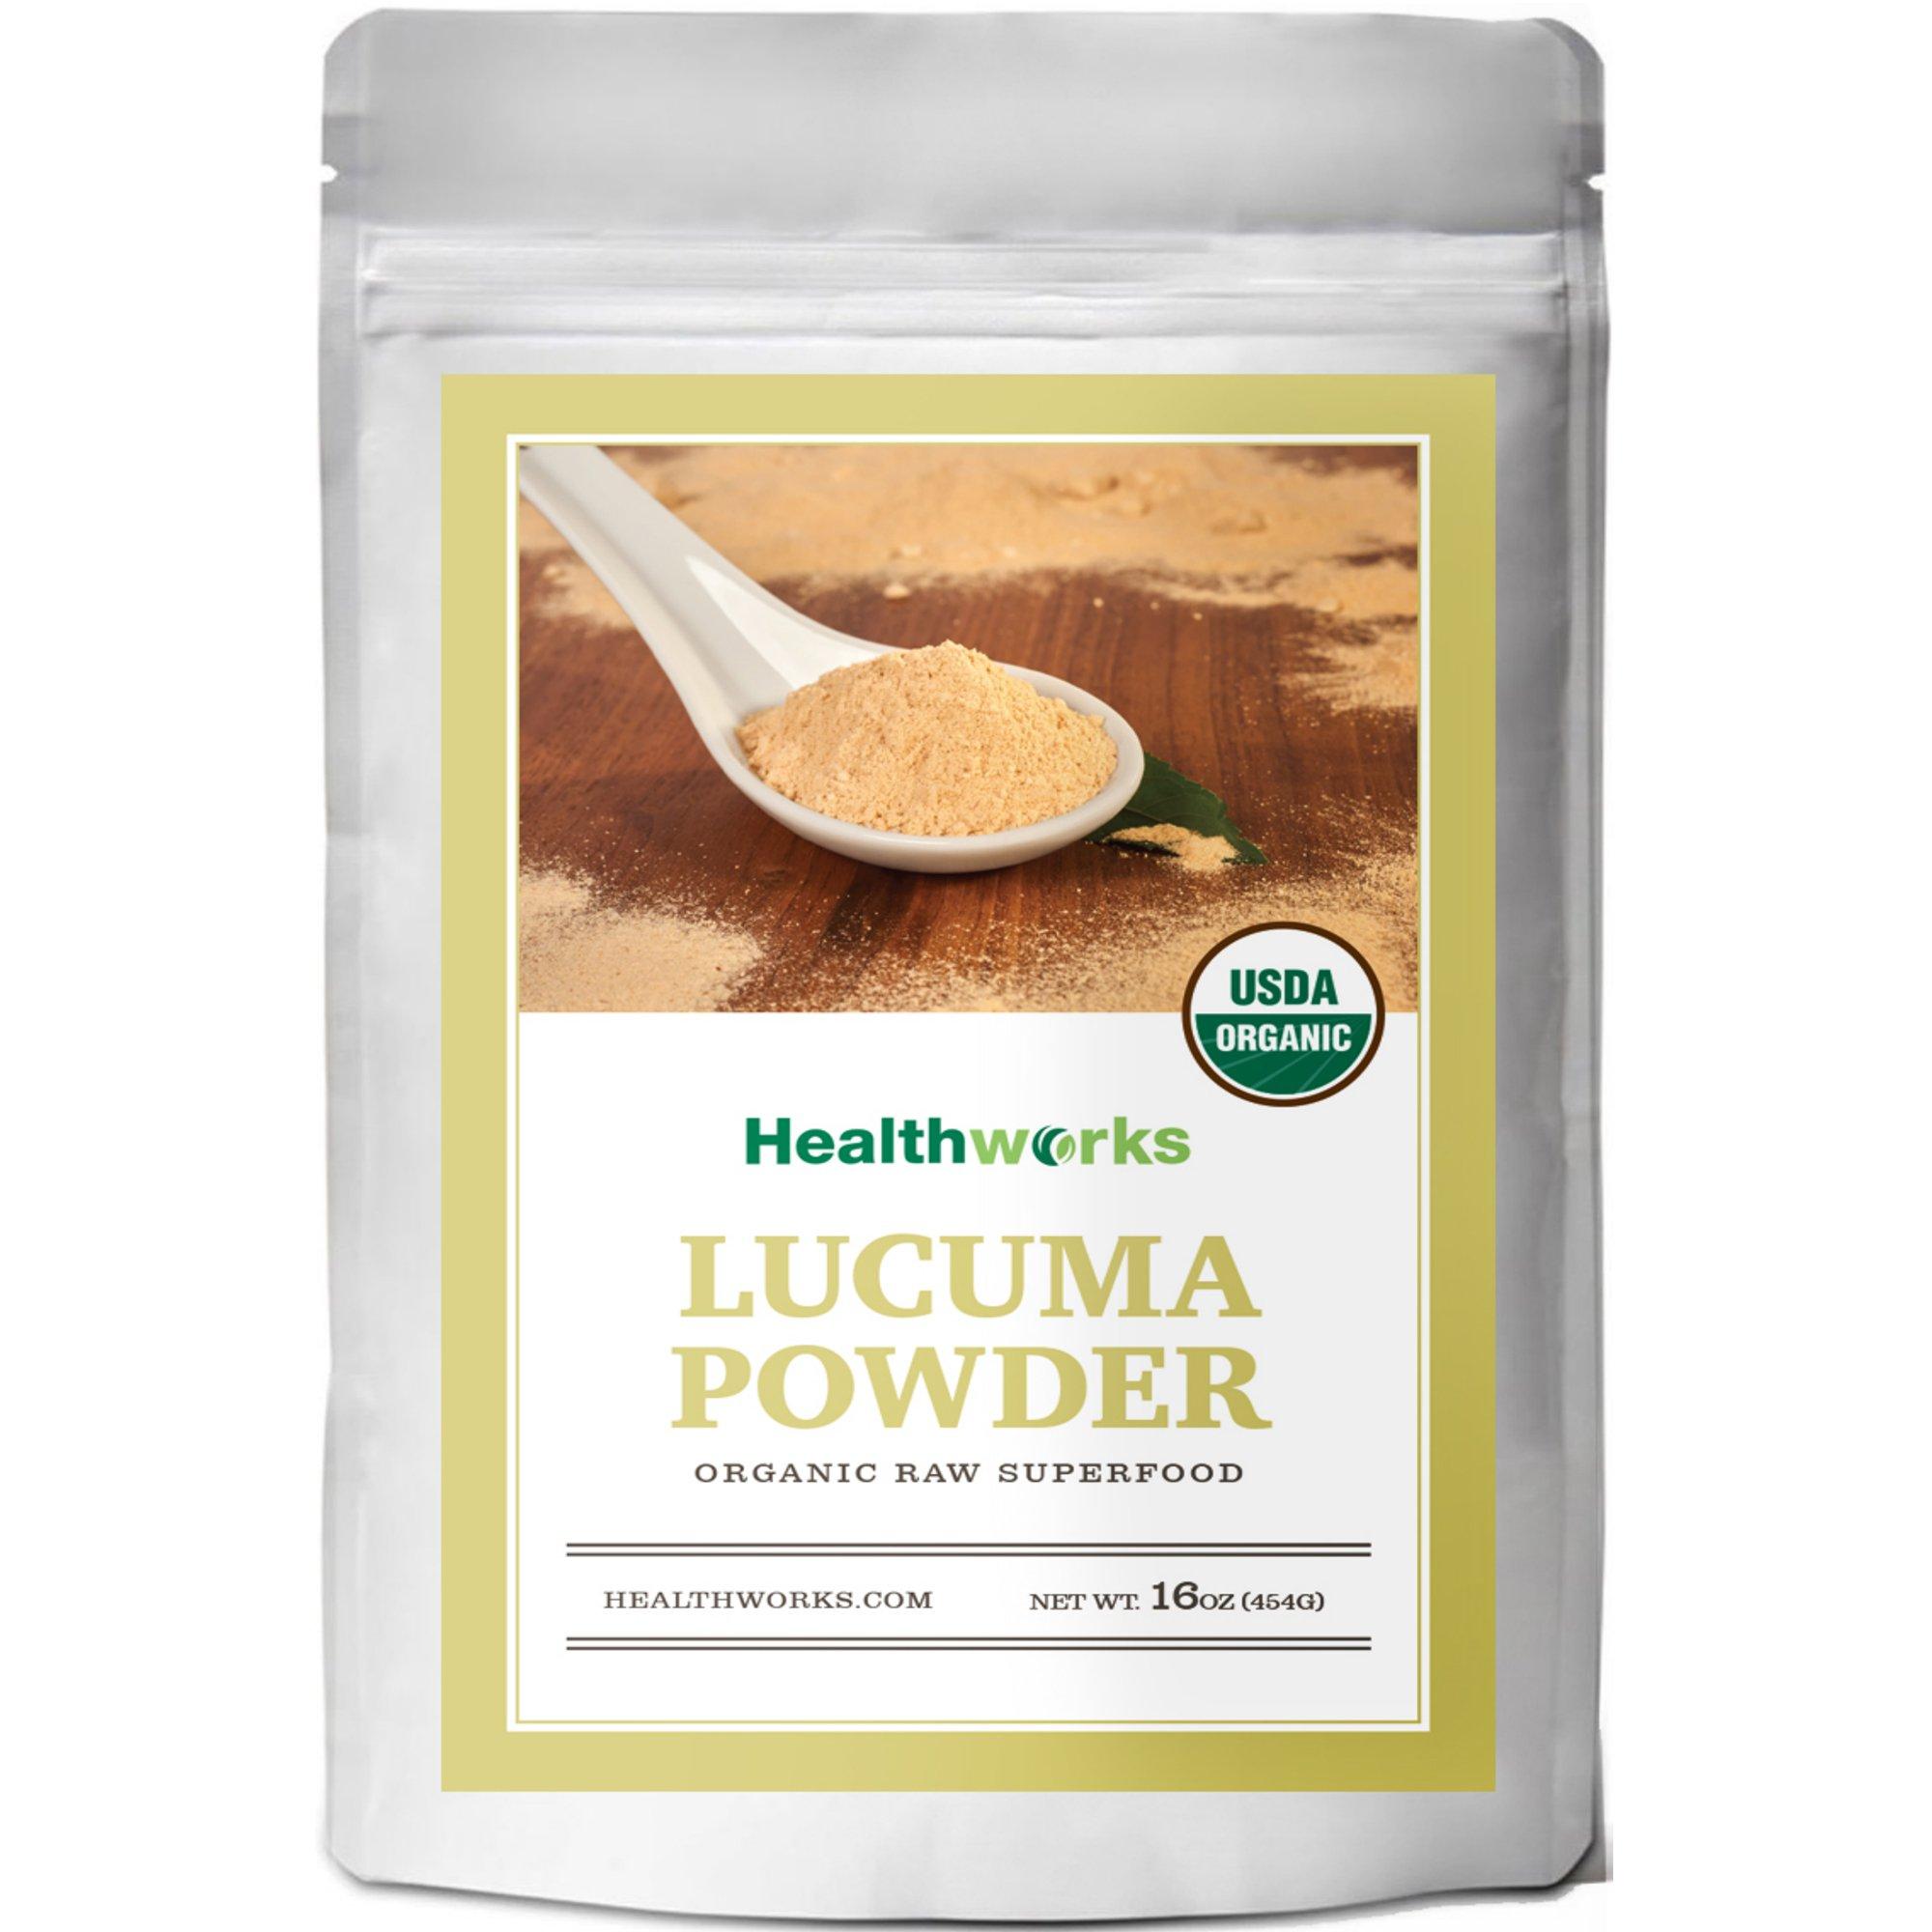 Healthworks Lucuma Powder Raw Organic, 1lb by Healthworks